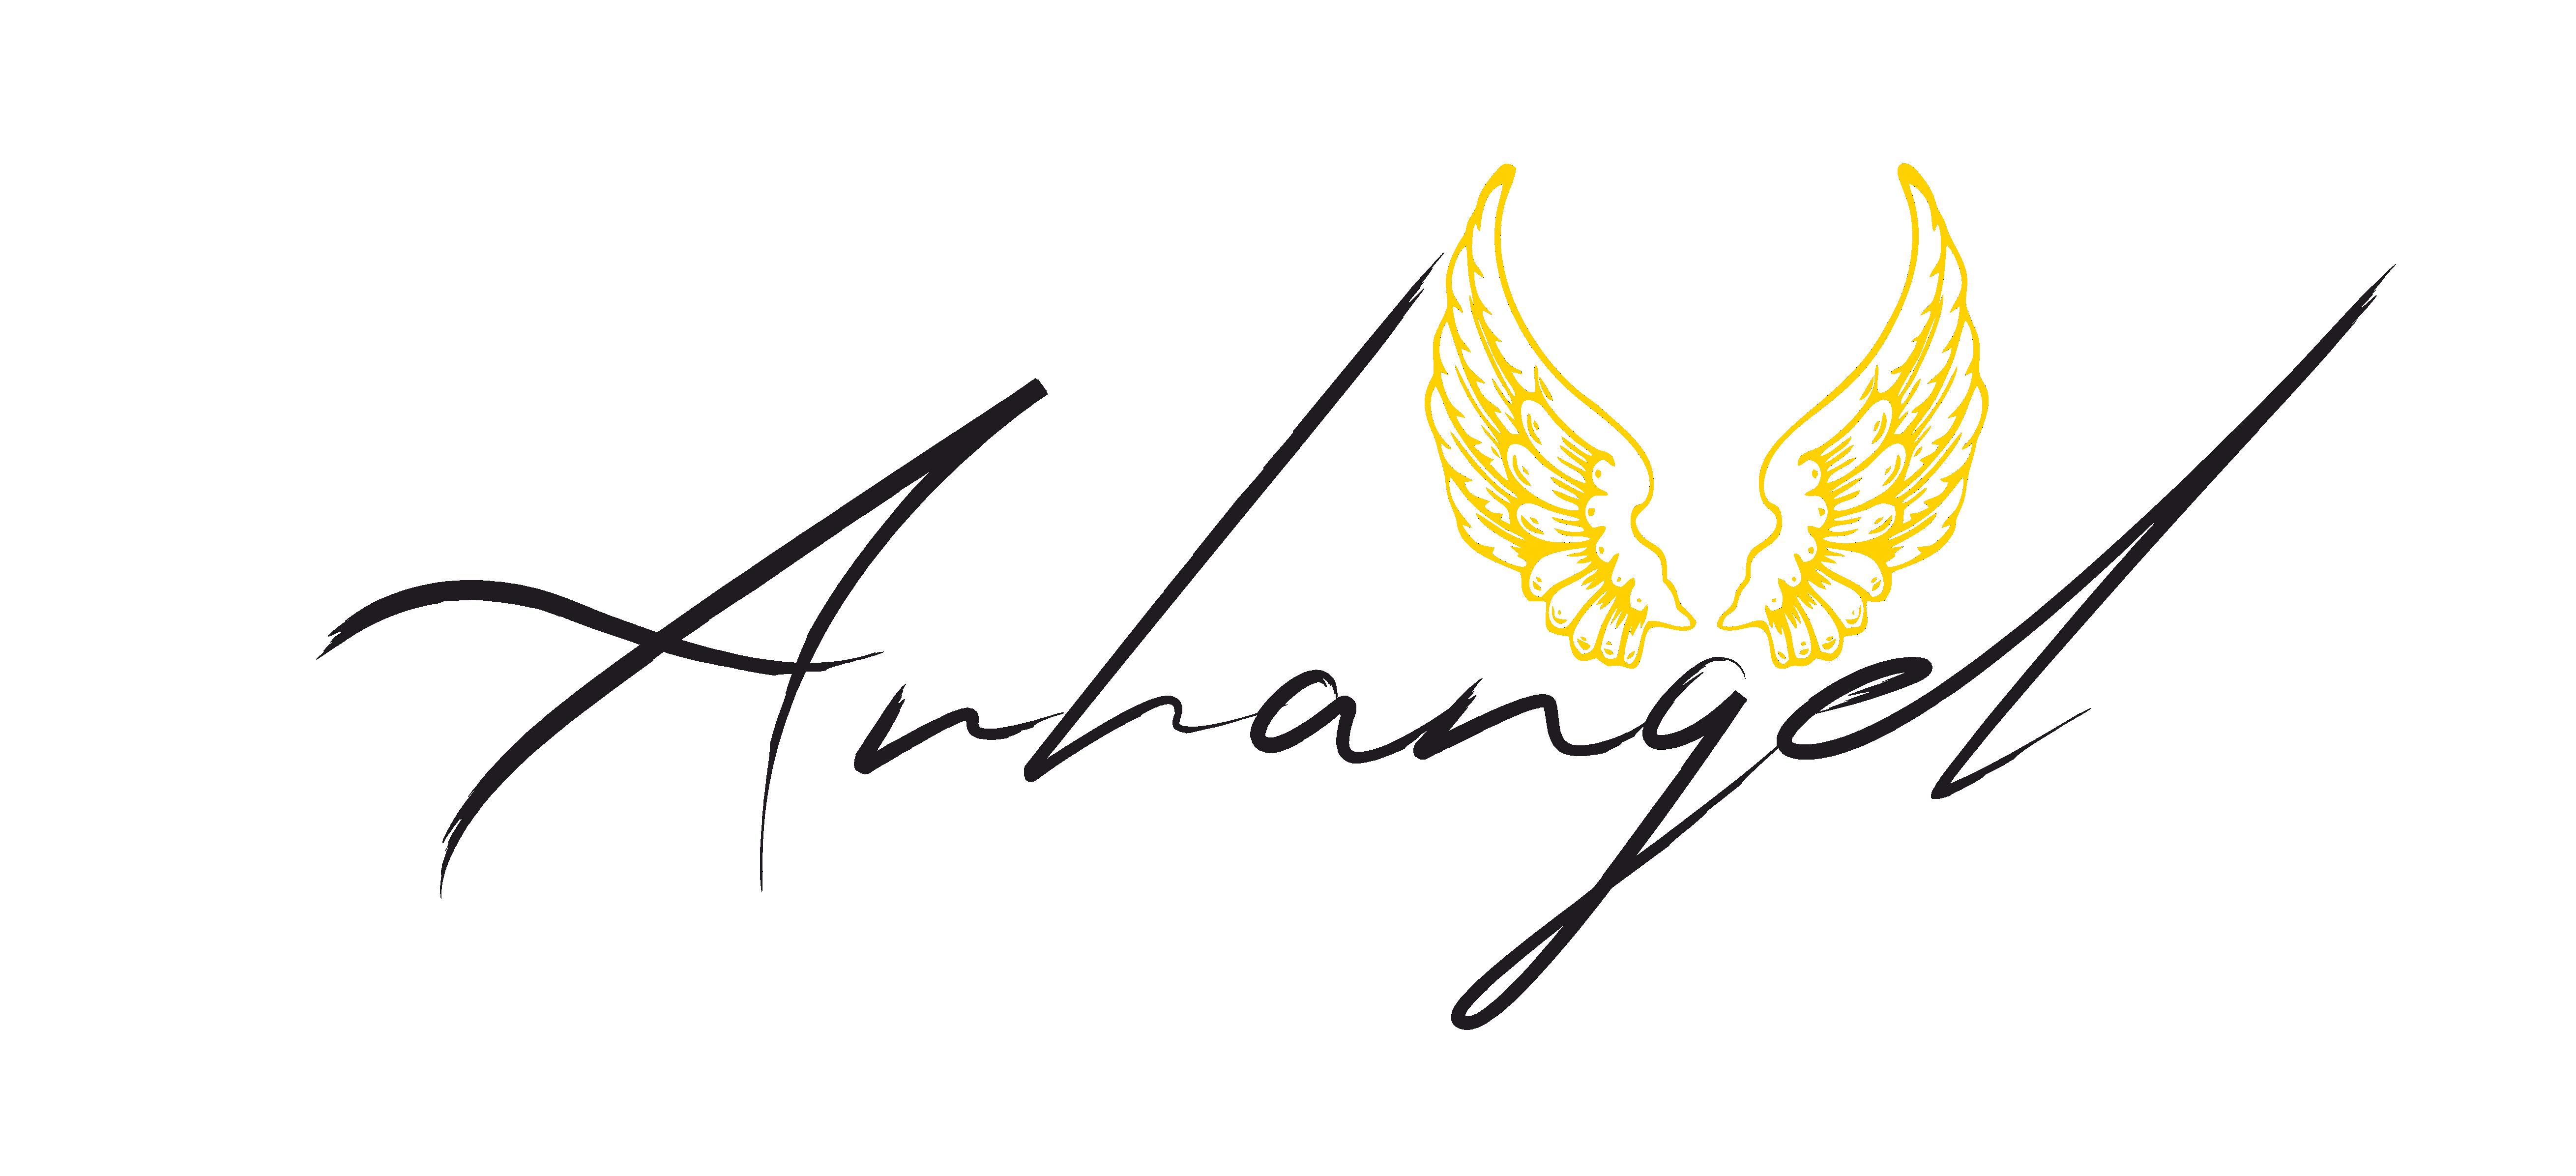 Arhangel logo FULL no BG black